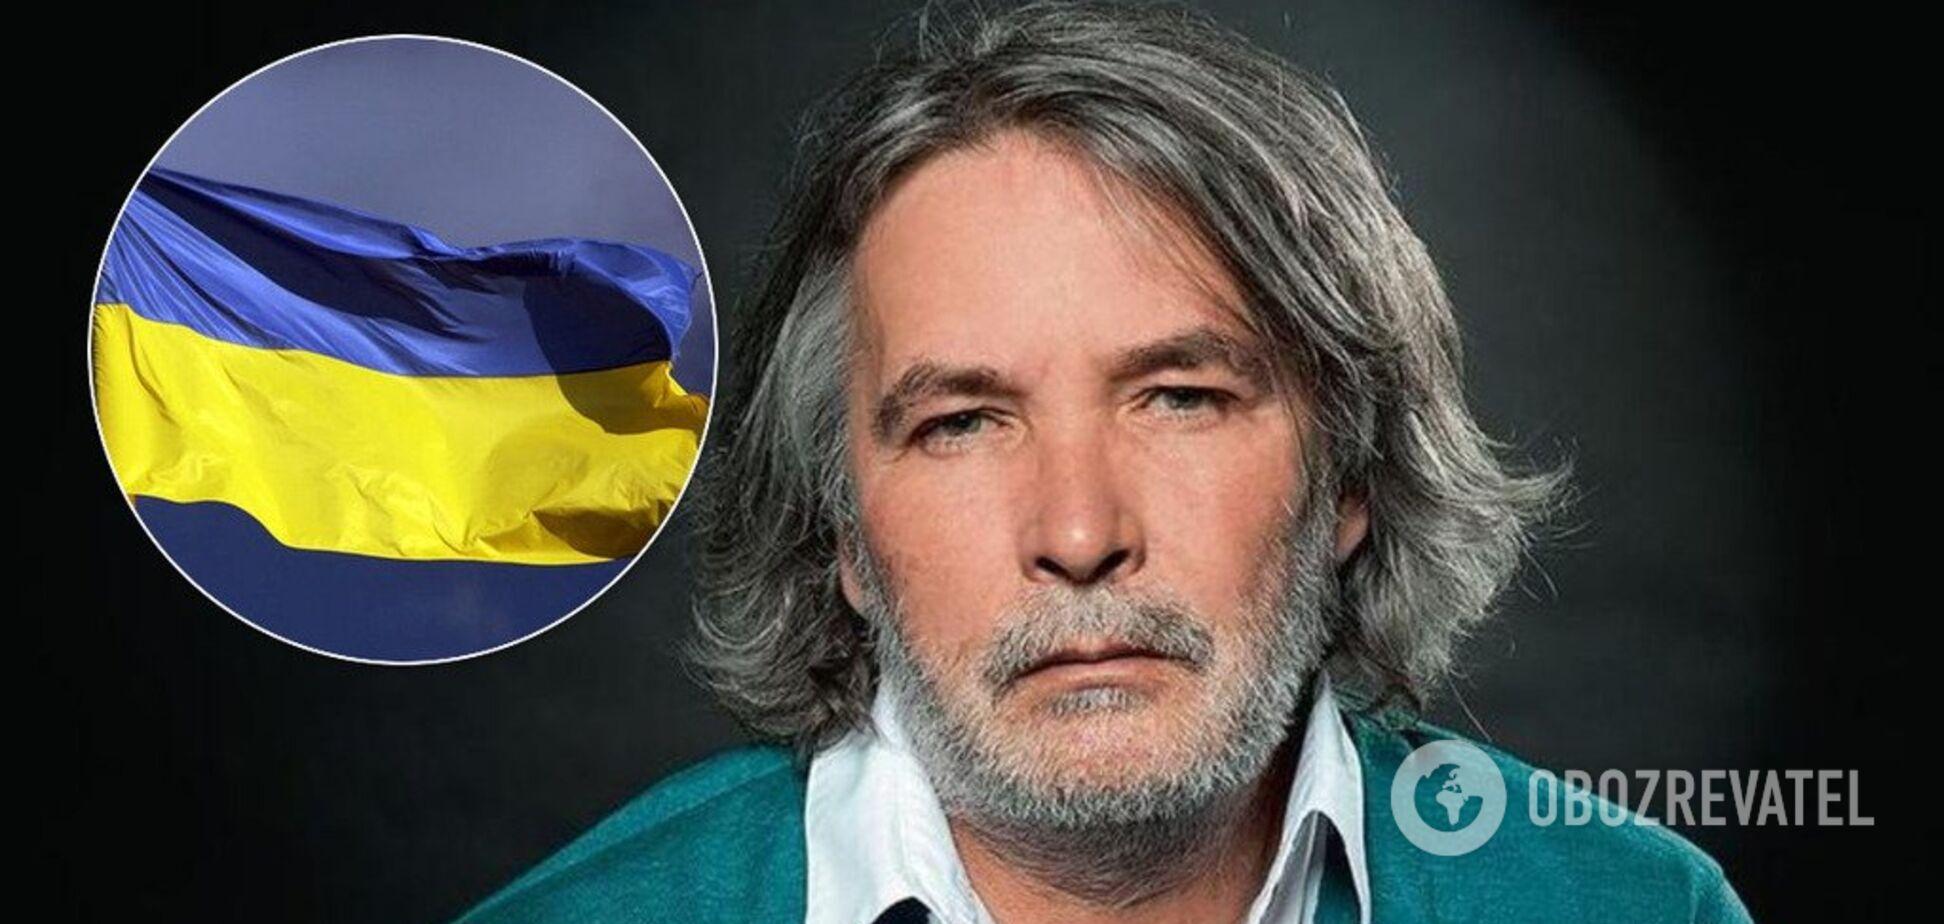 'Мне что, выключили мозг, совесть и ум?' Известный российский поэт назвал себя украинцем